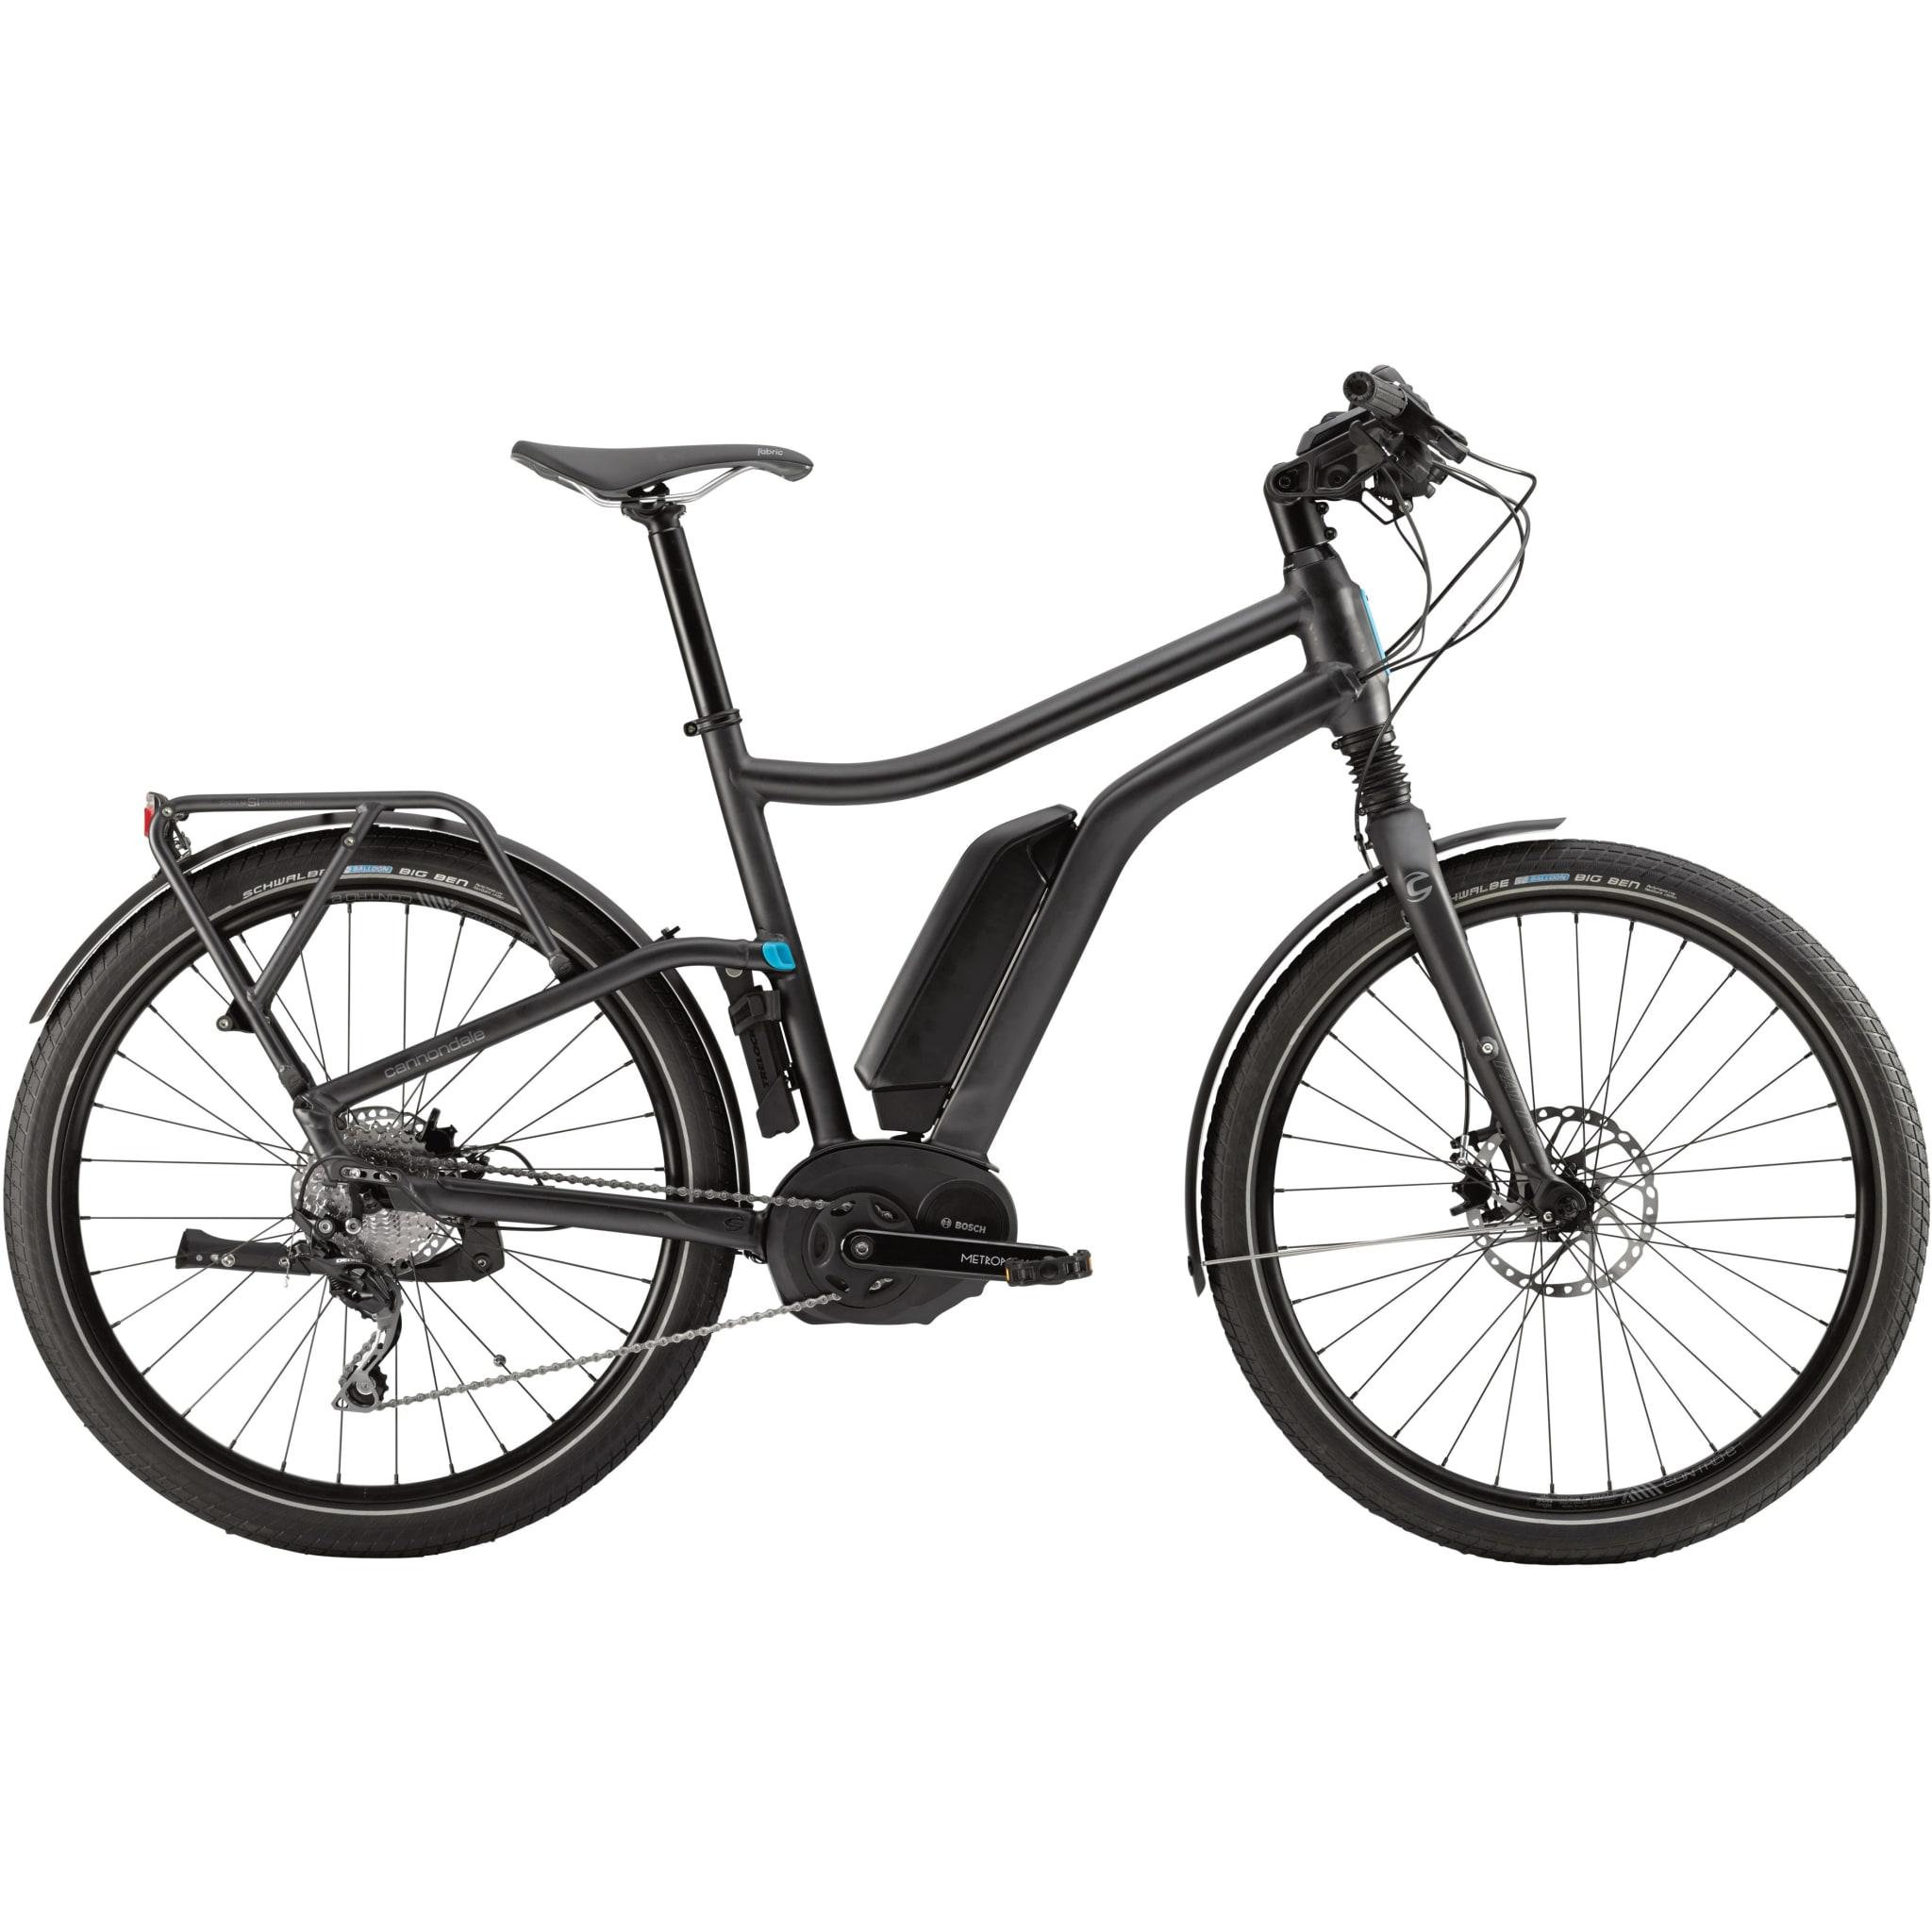 Vår mest gjennomførte og allsidige el-sykkel!